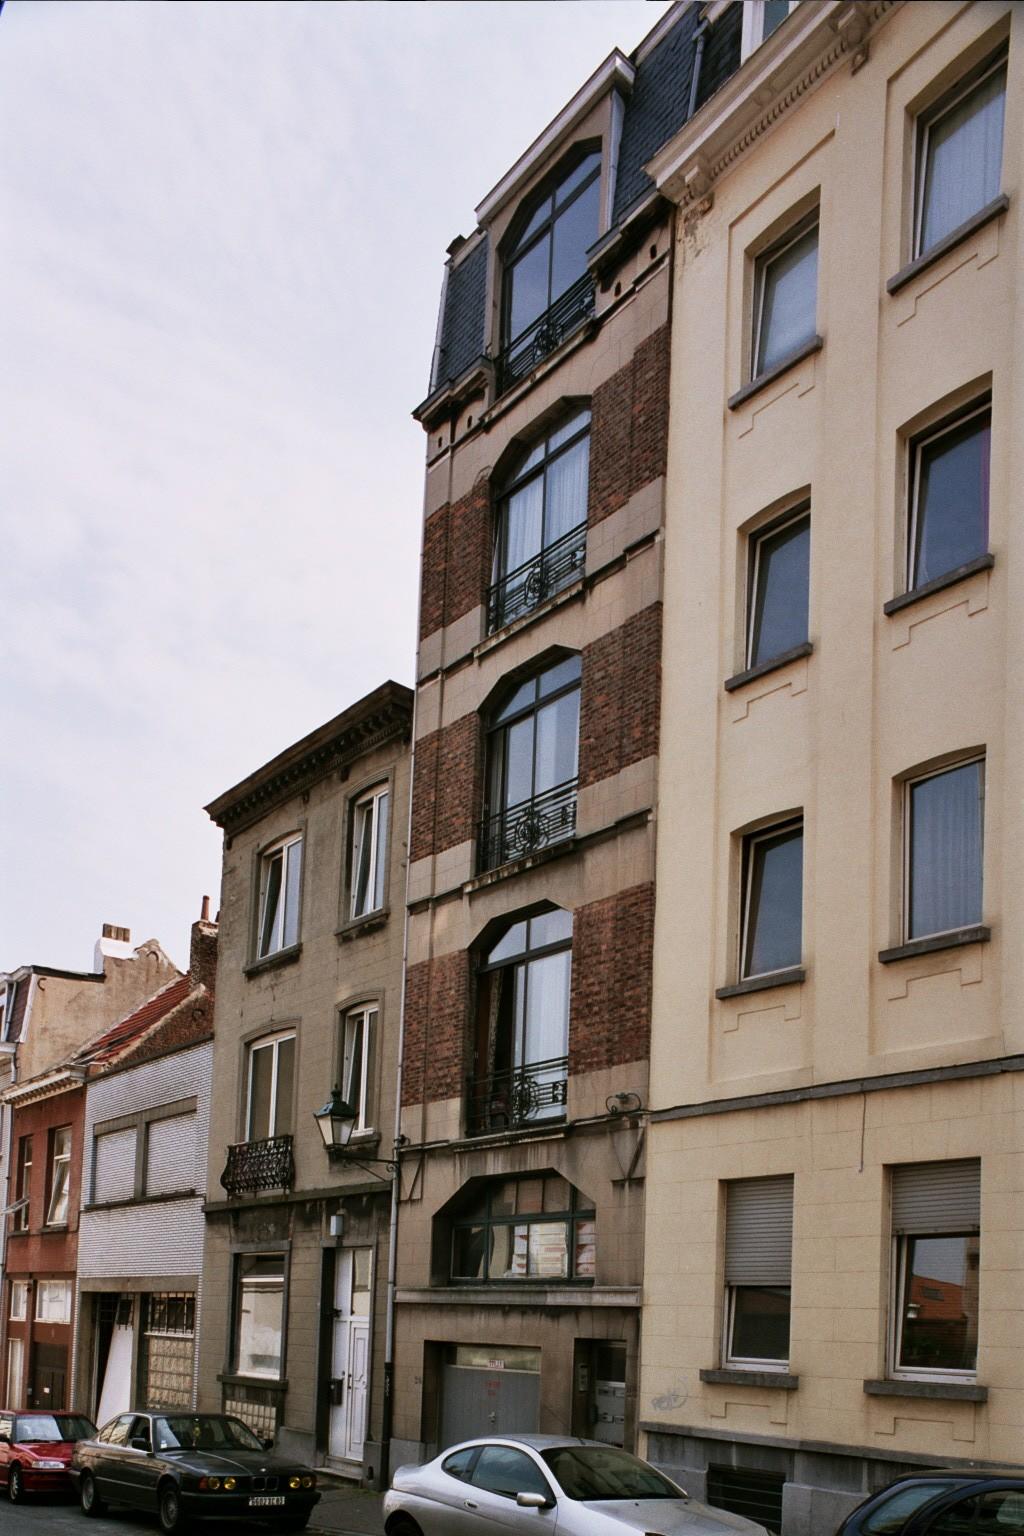 Rue Garibaldi 26., 2004